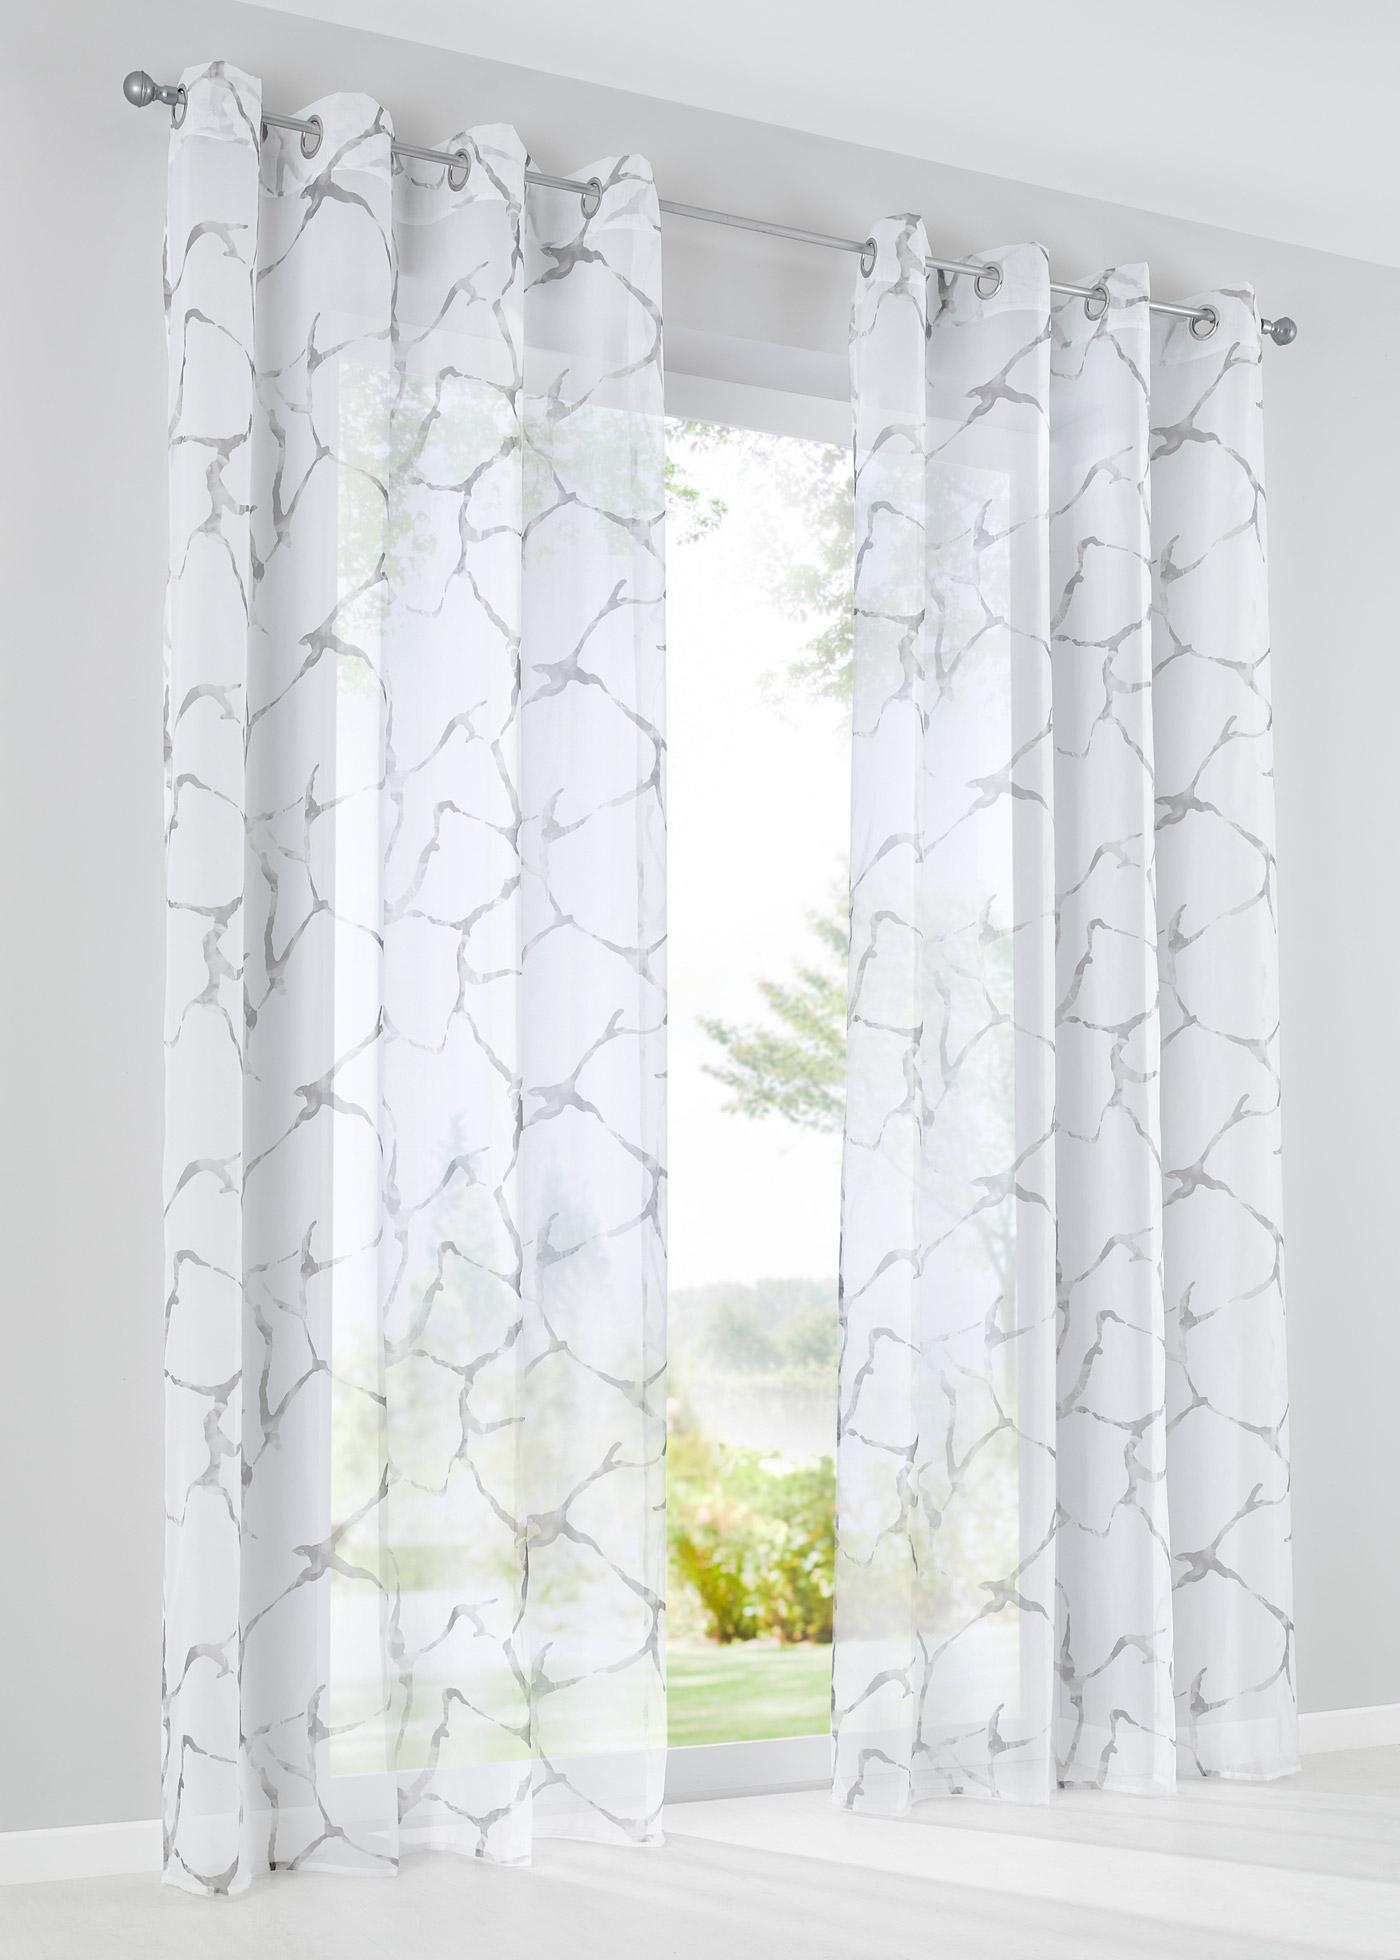 Voilage transparent, imprimé, dimensions = dimensions du tissu.